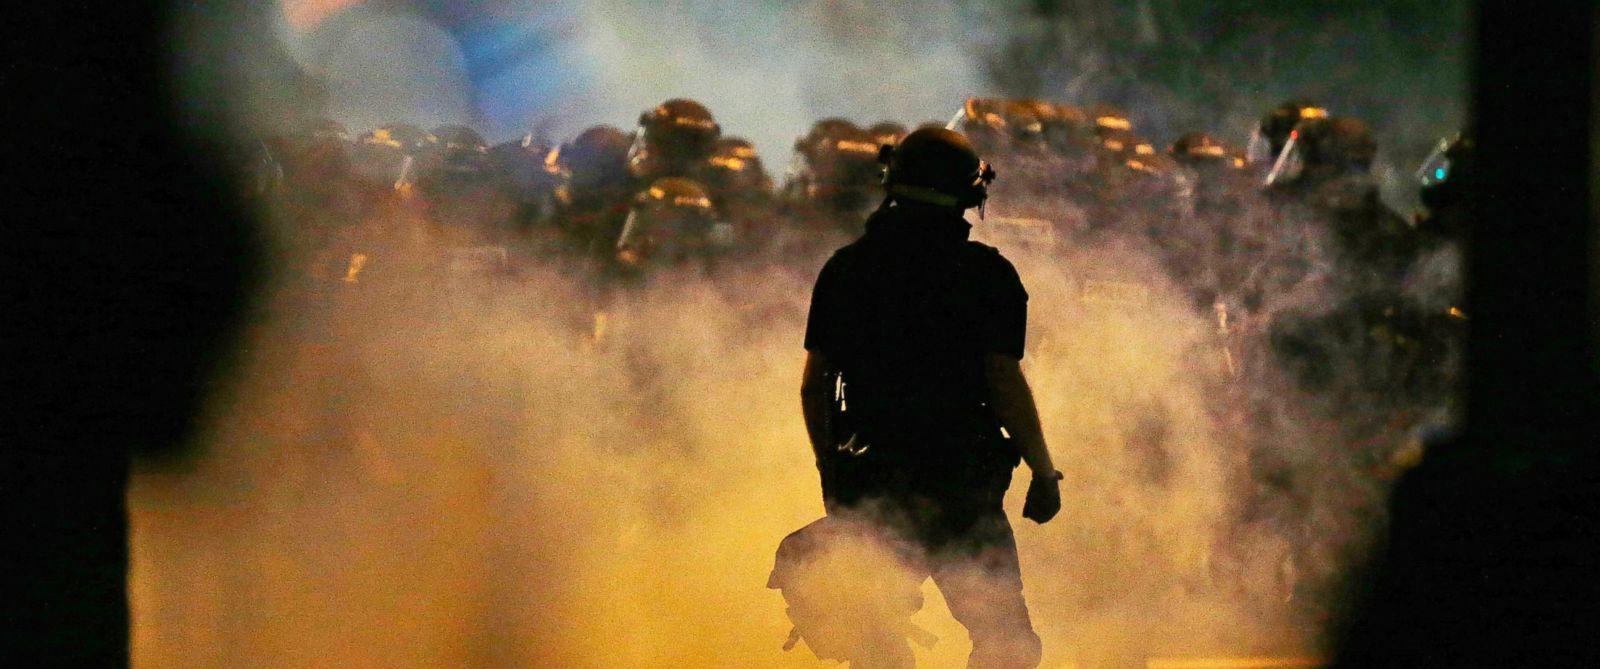 Résultats de recherche d'images pour «images charlotte nc violence»